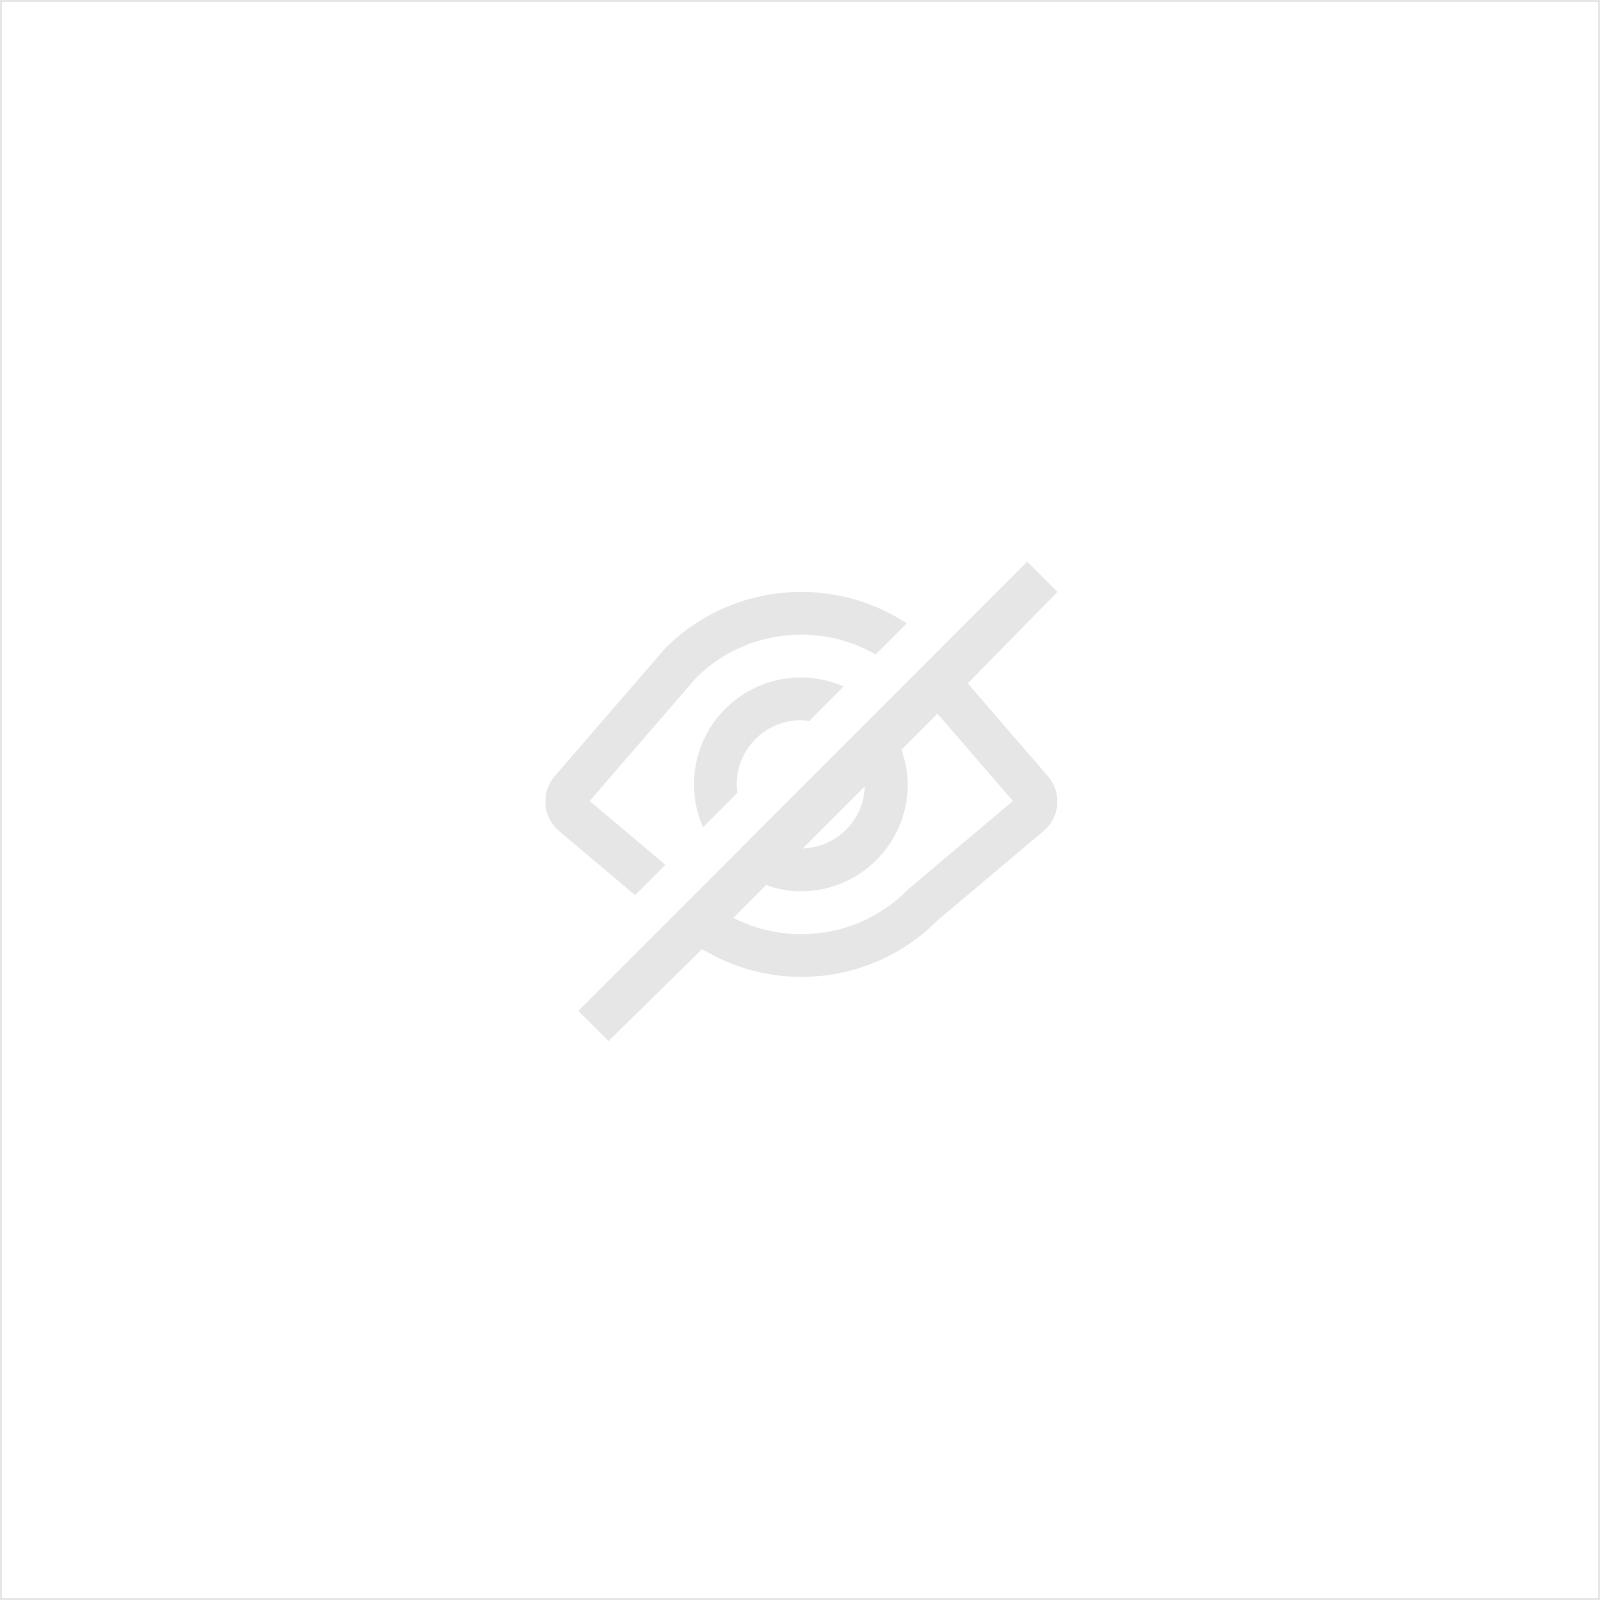 BOORMACHINEADAPTER VOOR MINI-SCHIJVEN